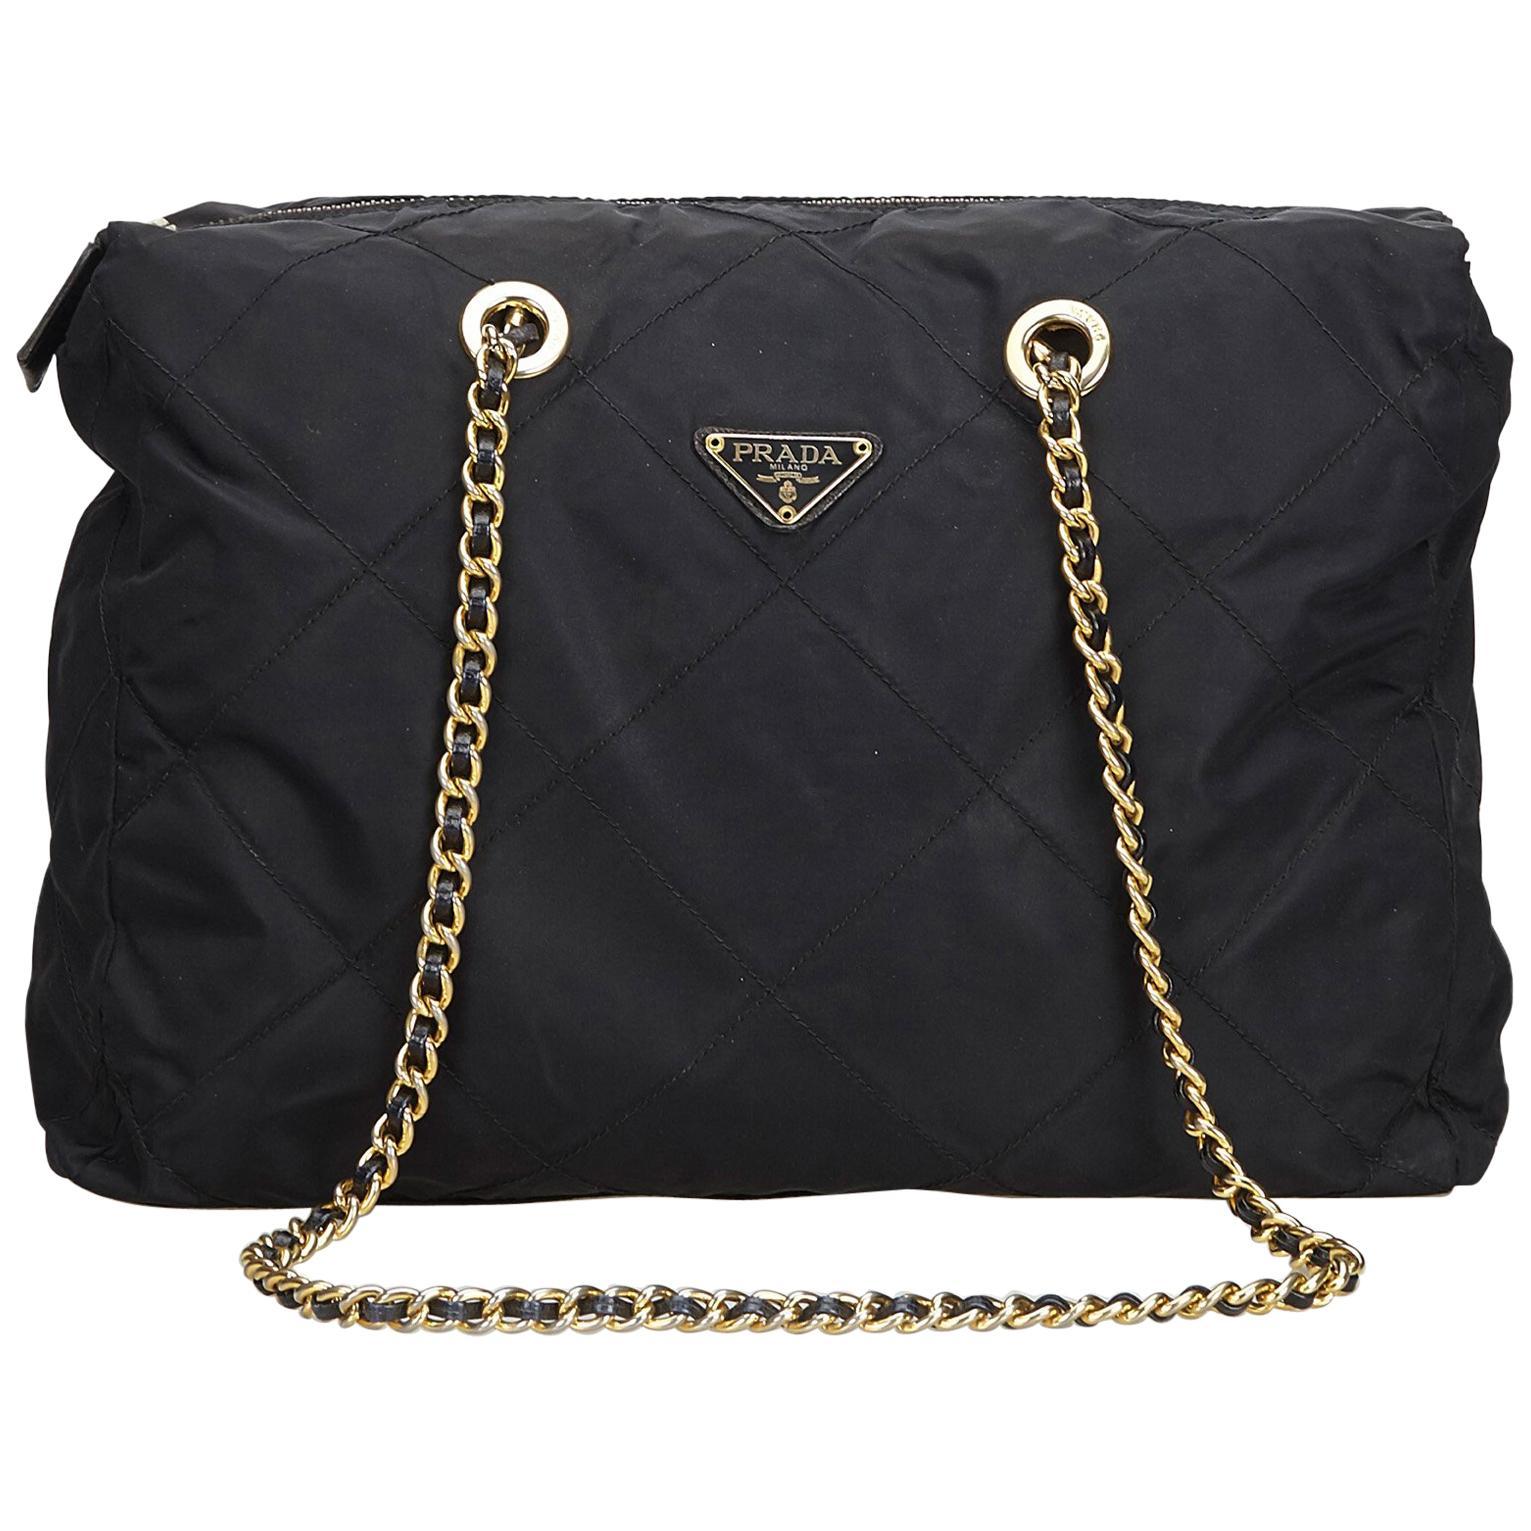 4fc675eac2d3 Vintage Prada Shoulder Bags - 408 For Sale at 1stdibs